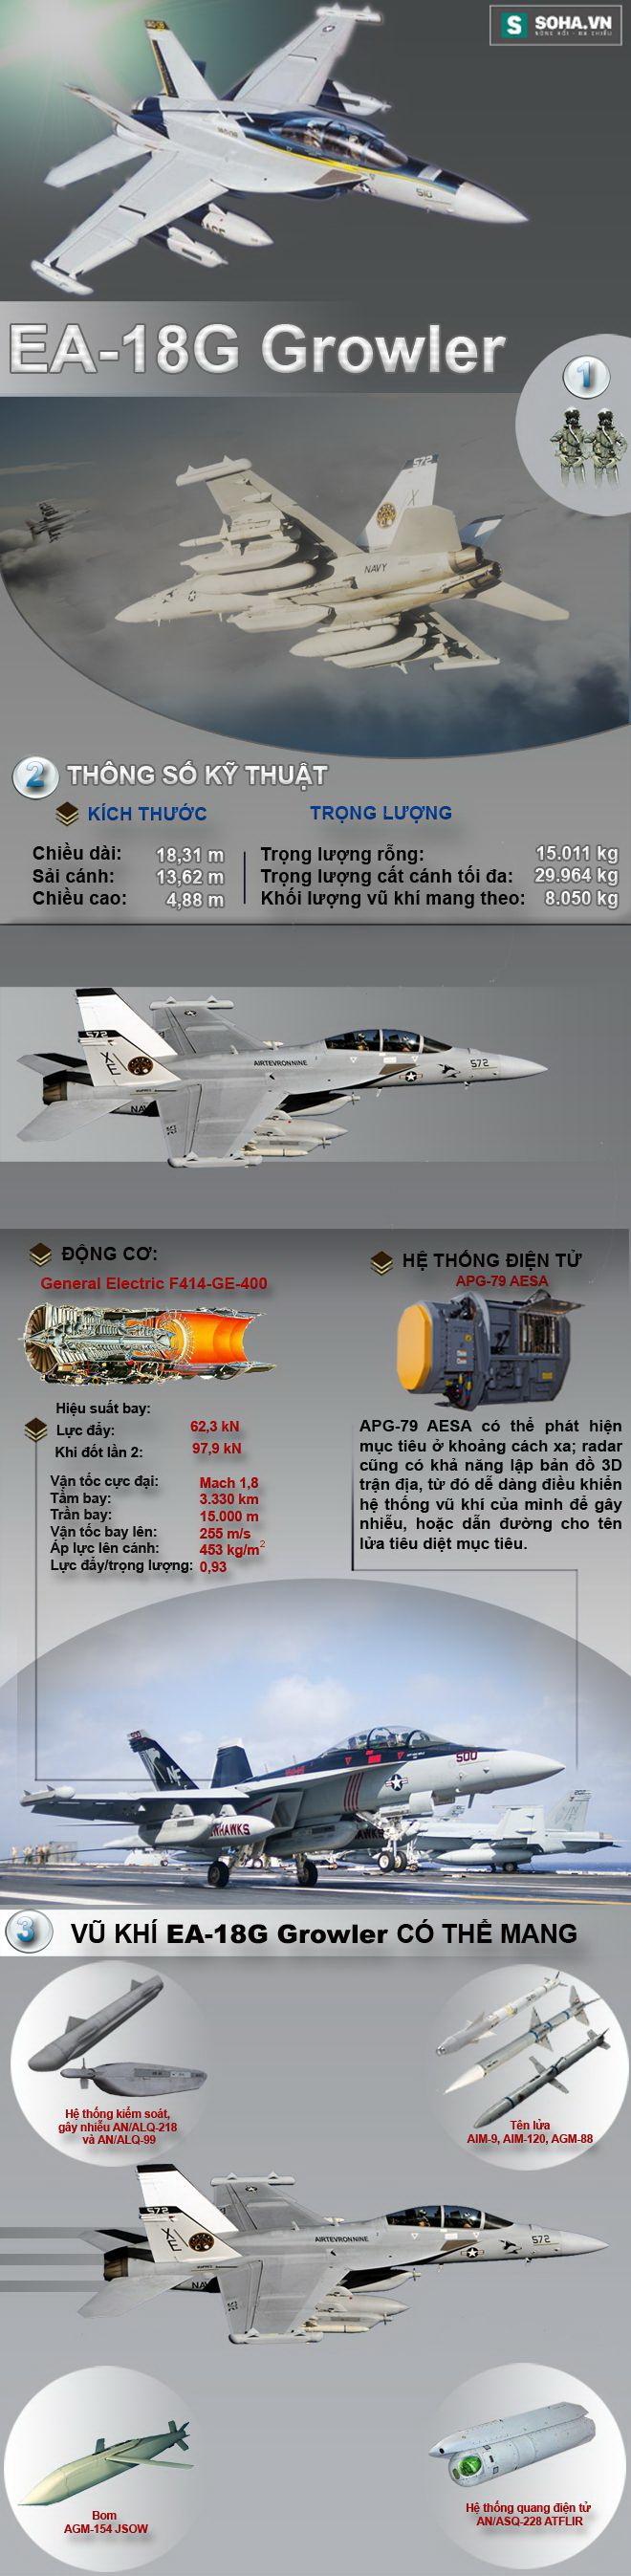 Sức mạnh máy bay tác chiến điện tử tối tân Mỹ vừa điều tới ĐNÁ - Ảnh 1.